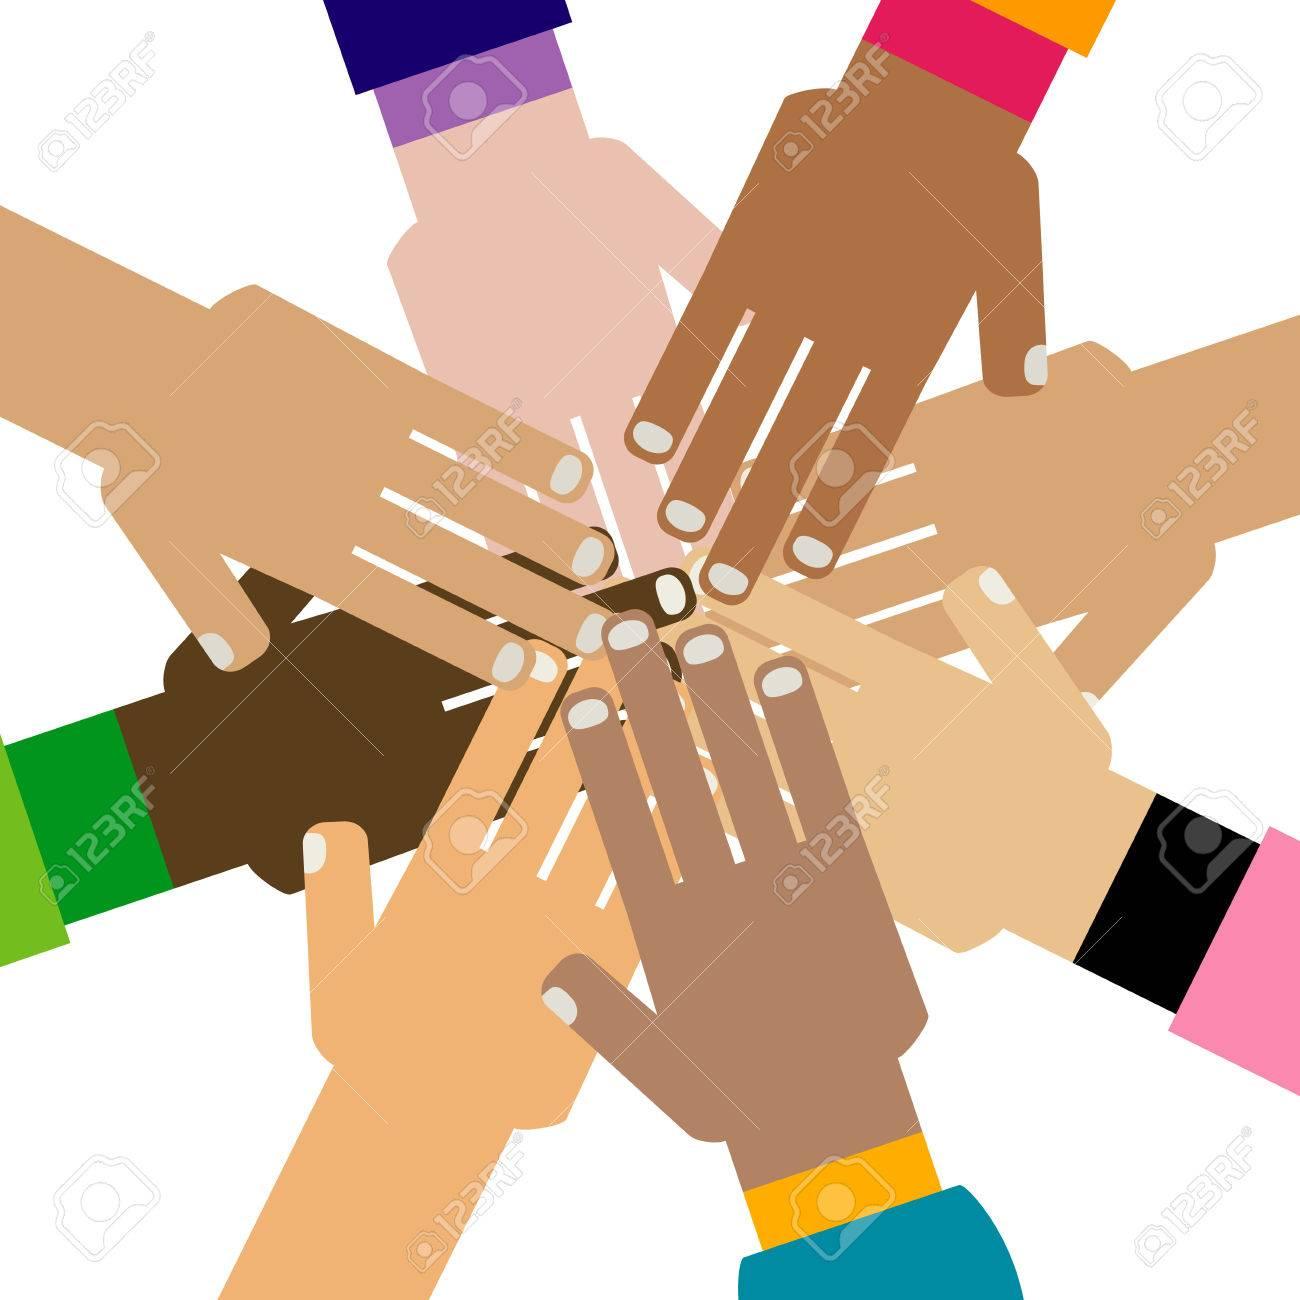 diversity hands together illustration.